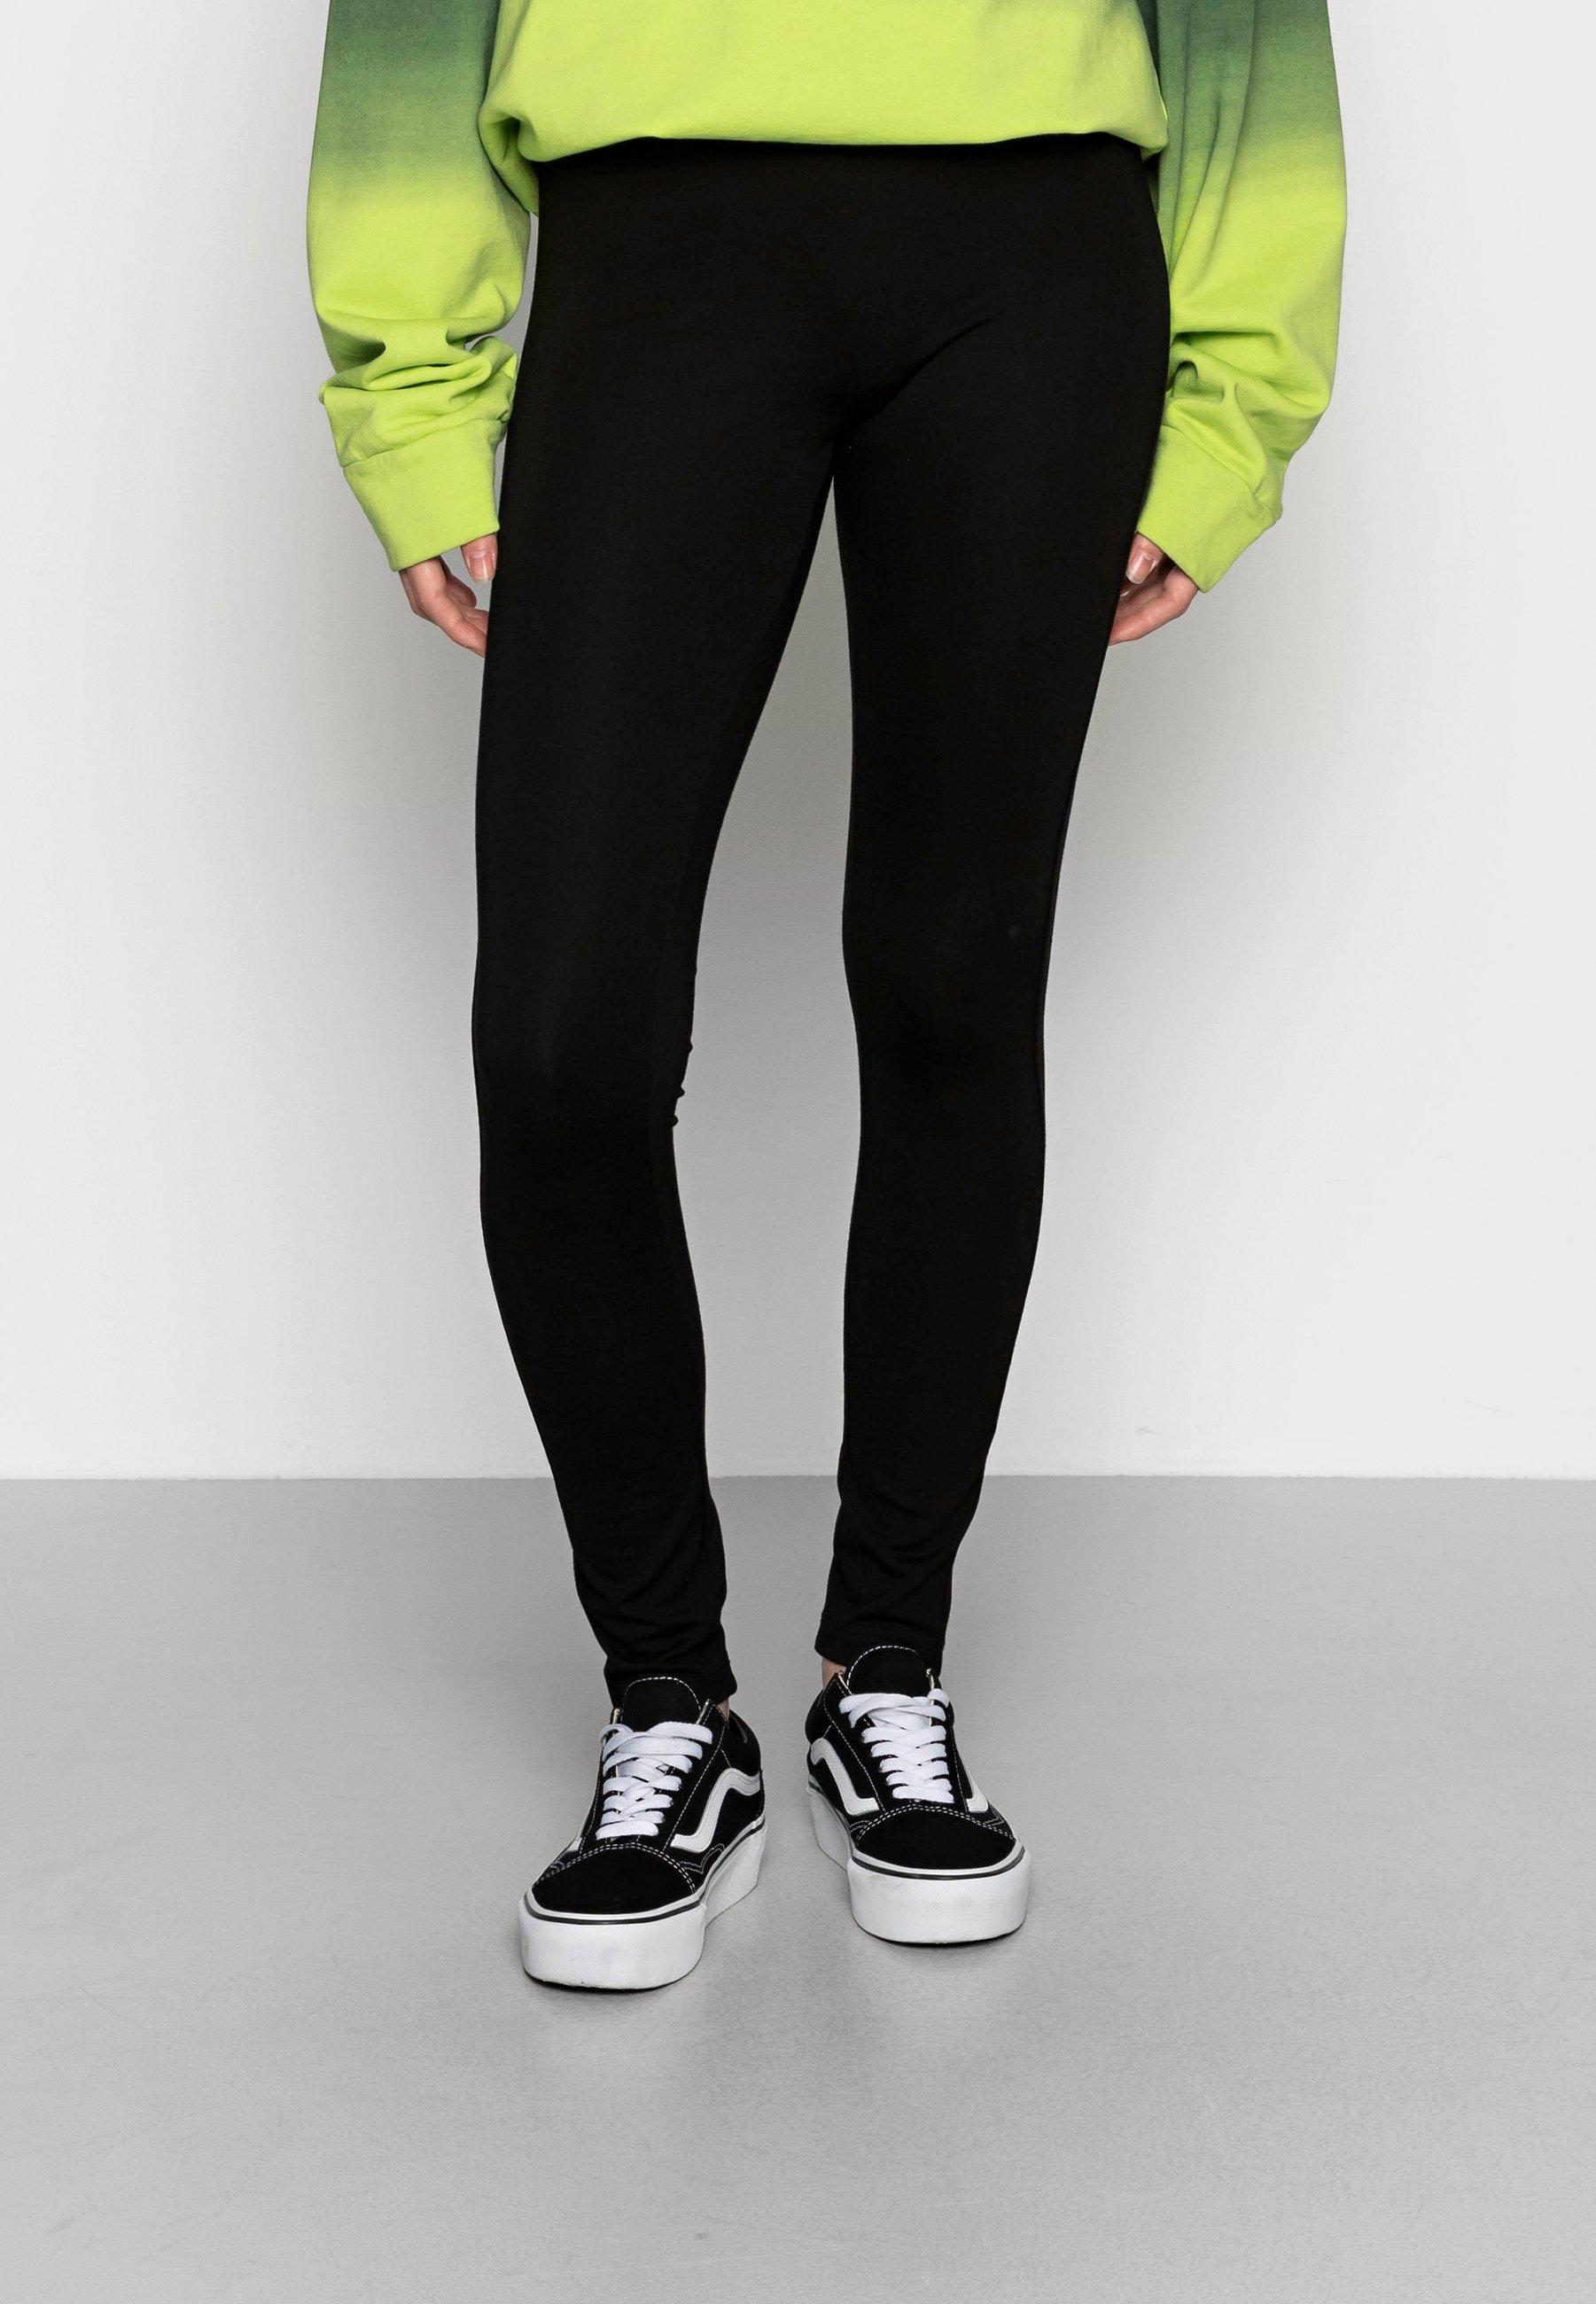 Women THEA - Leggings - Trousers